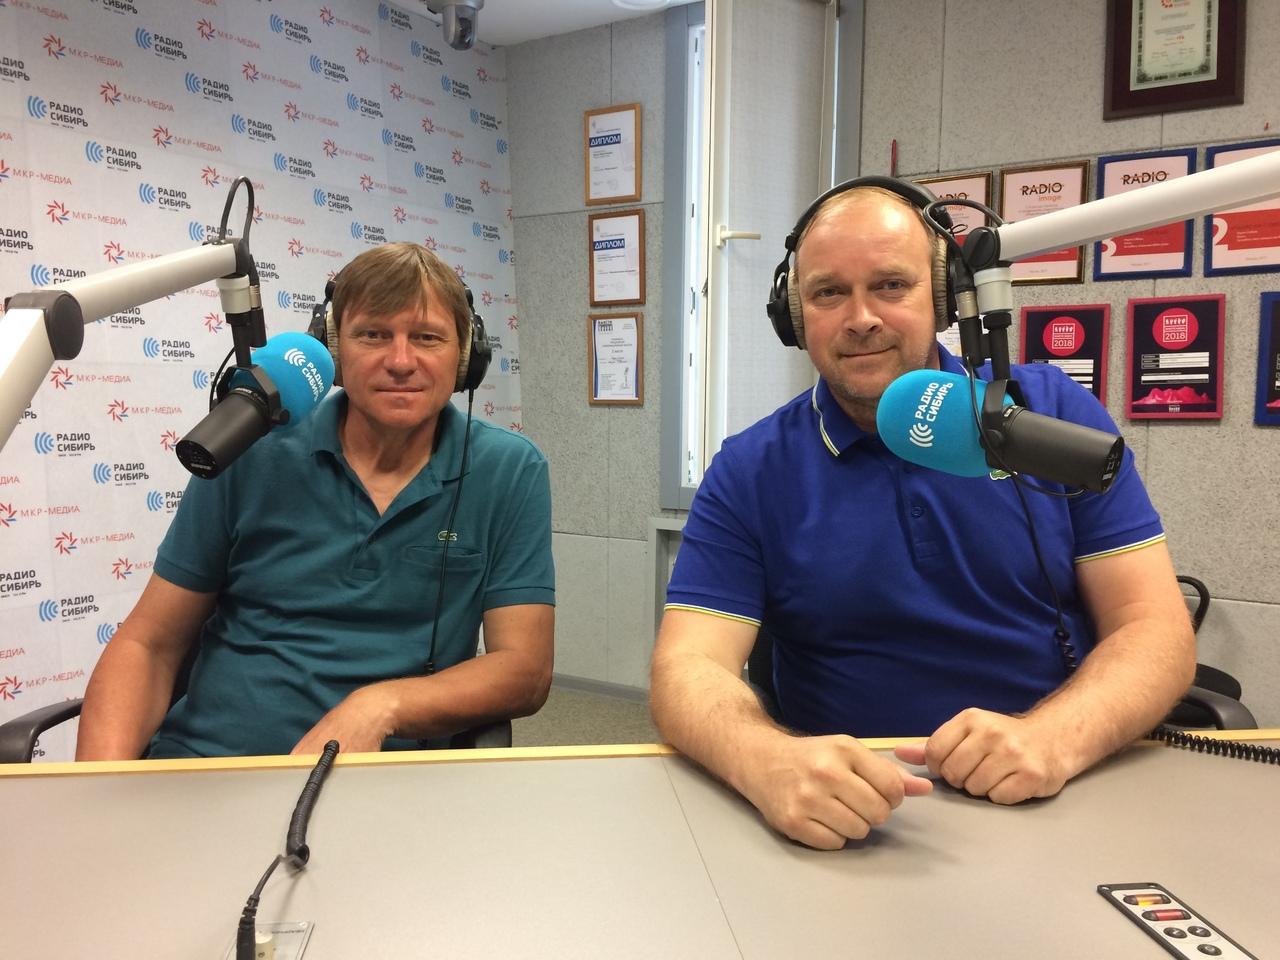 Сергей Новиков и Владимир Арайс на «Радио Сибирь»: запись эфира (12.07.2018)